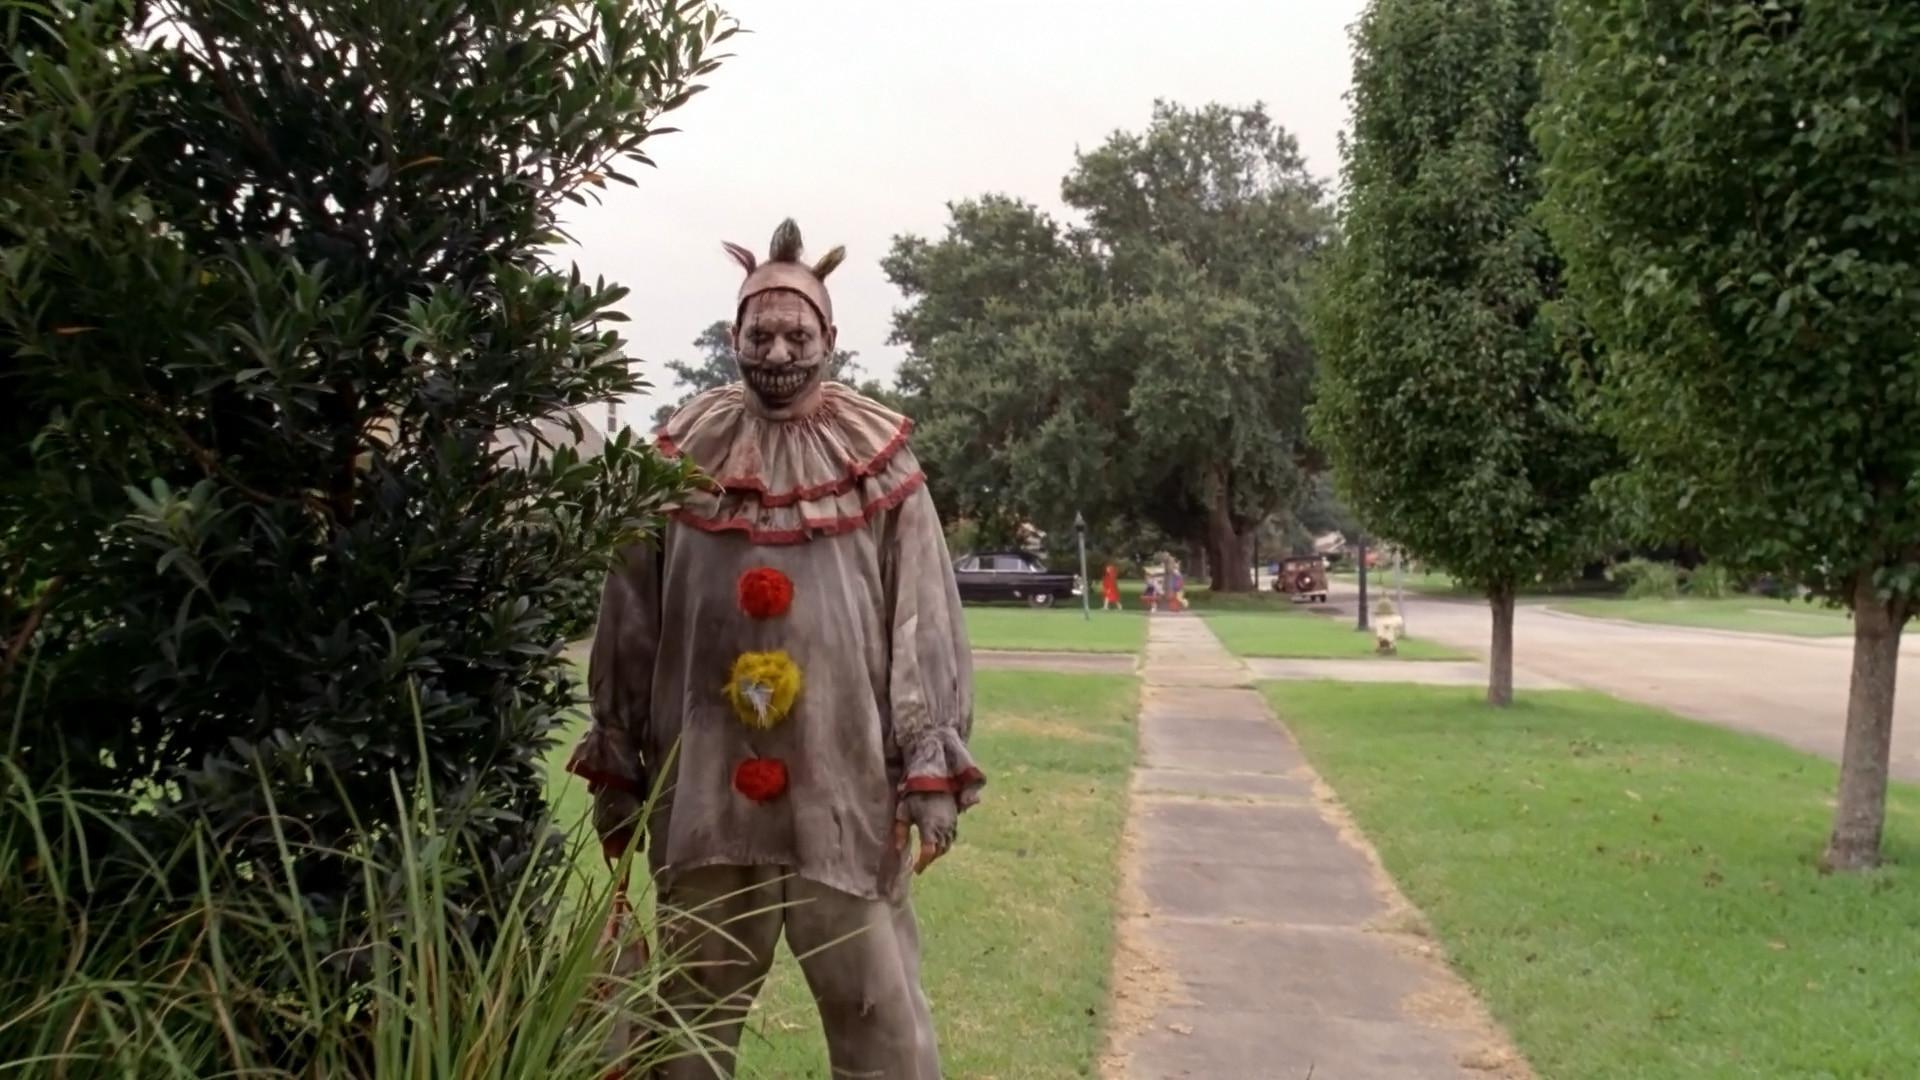 Twisty from American Horror Story Season 4 / Michael Myers/Halloween Nod  [1920×1080] …